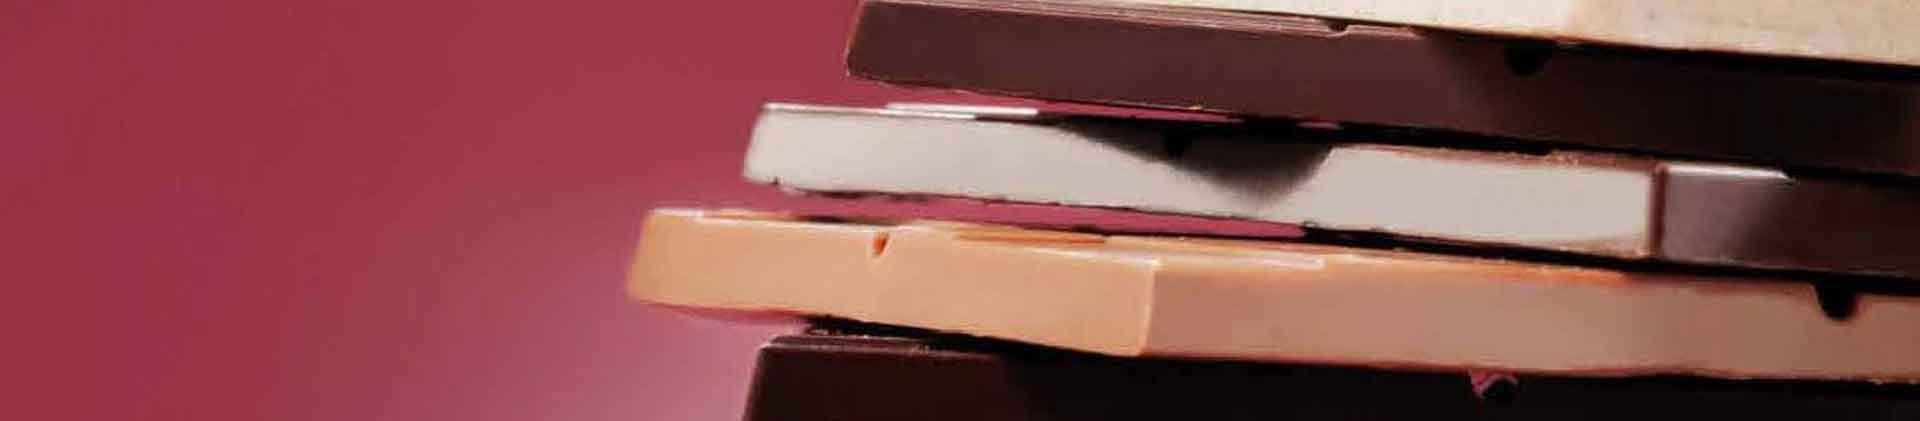 Cobertura de chocolate. La calidad si importa.